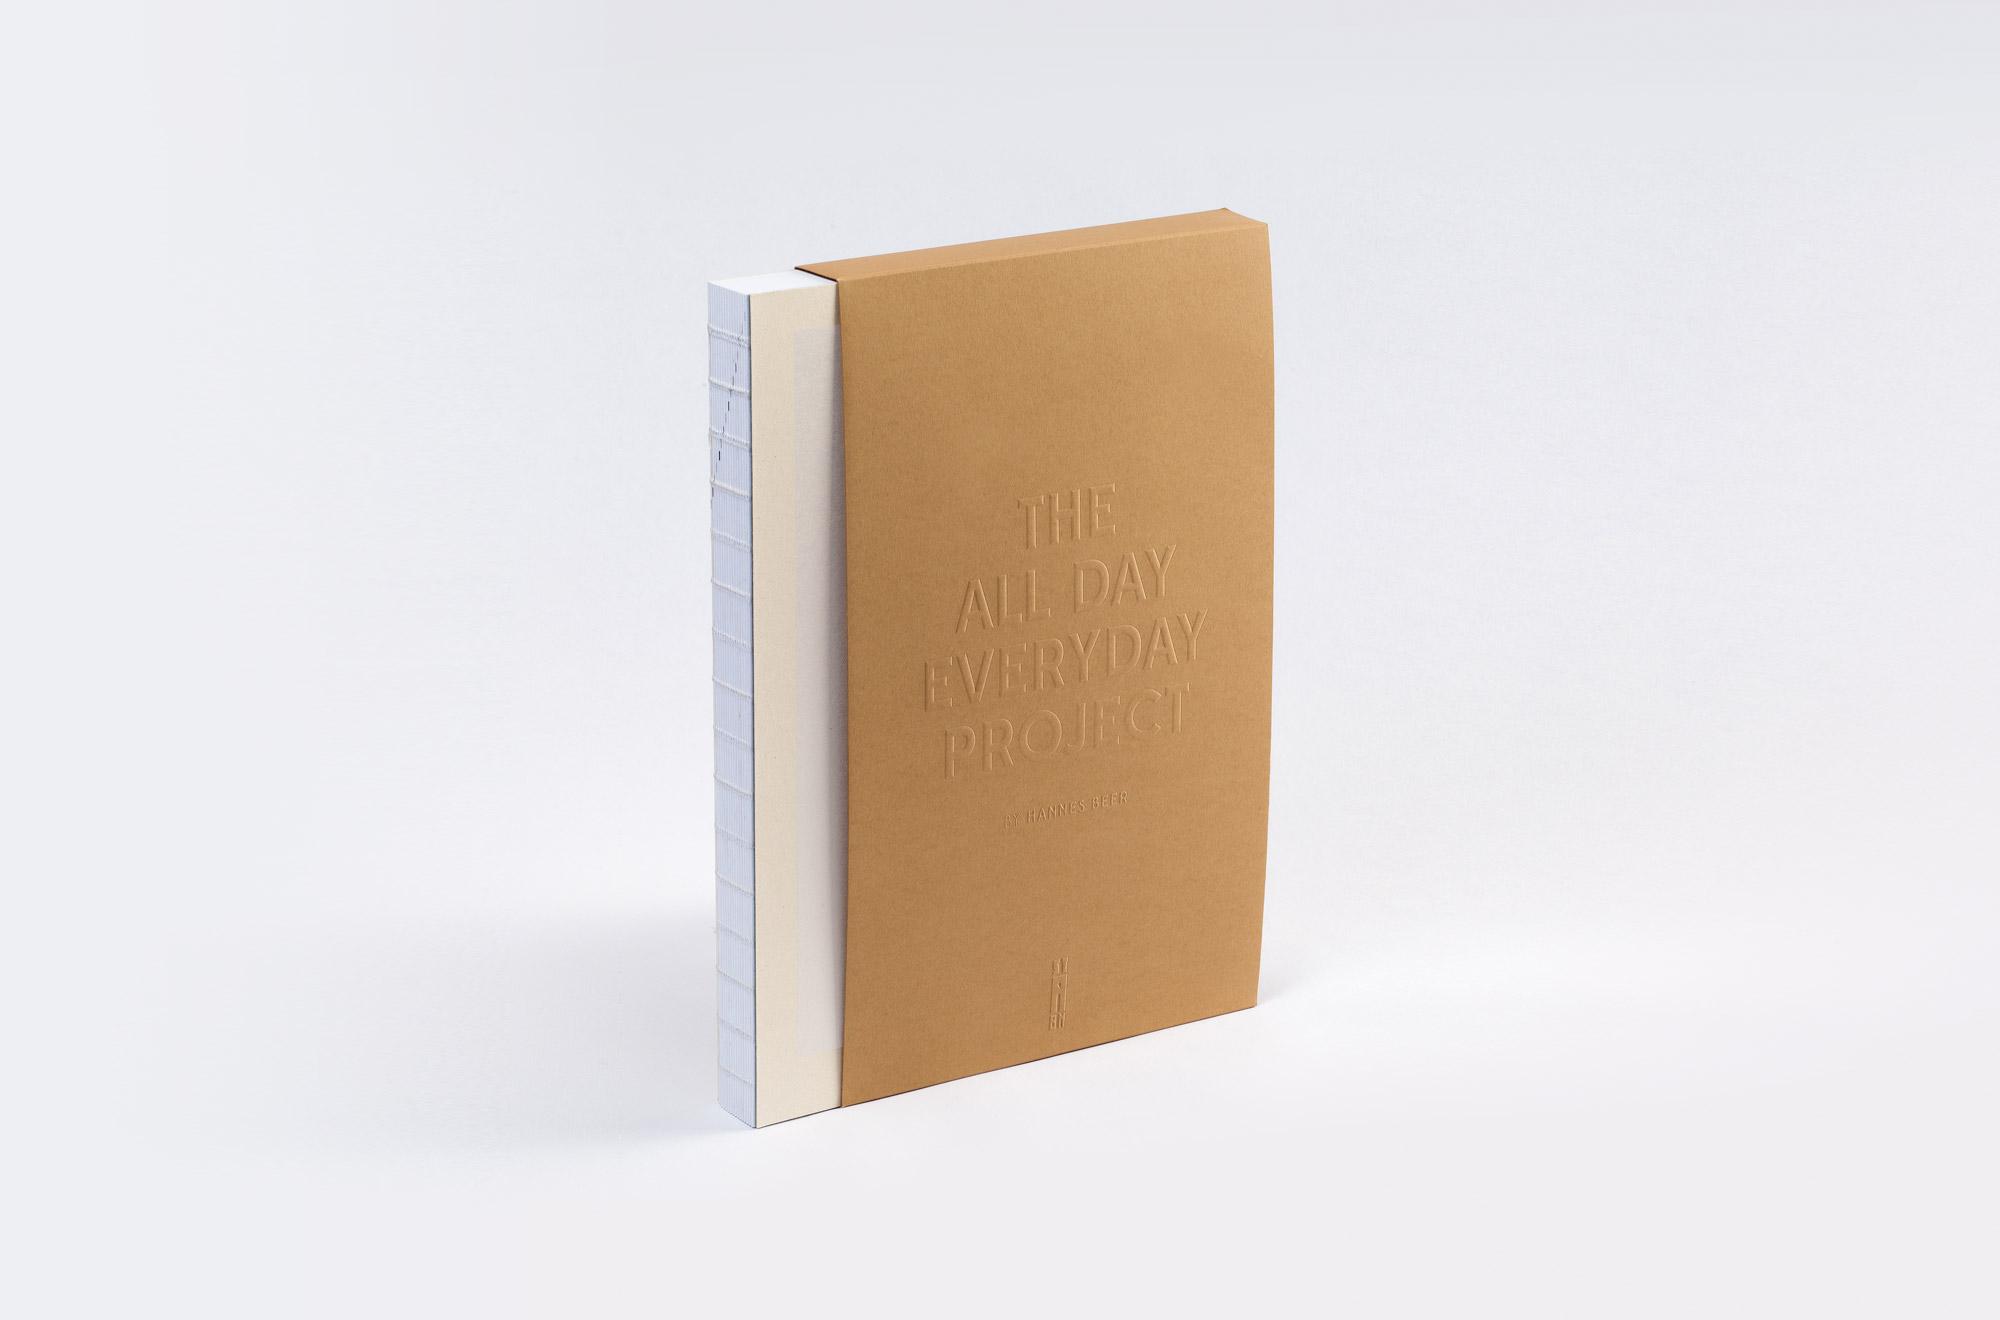 Man sieht das Buch